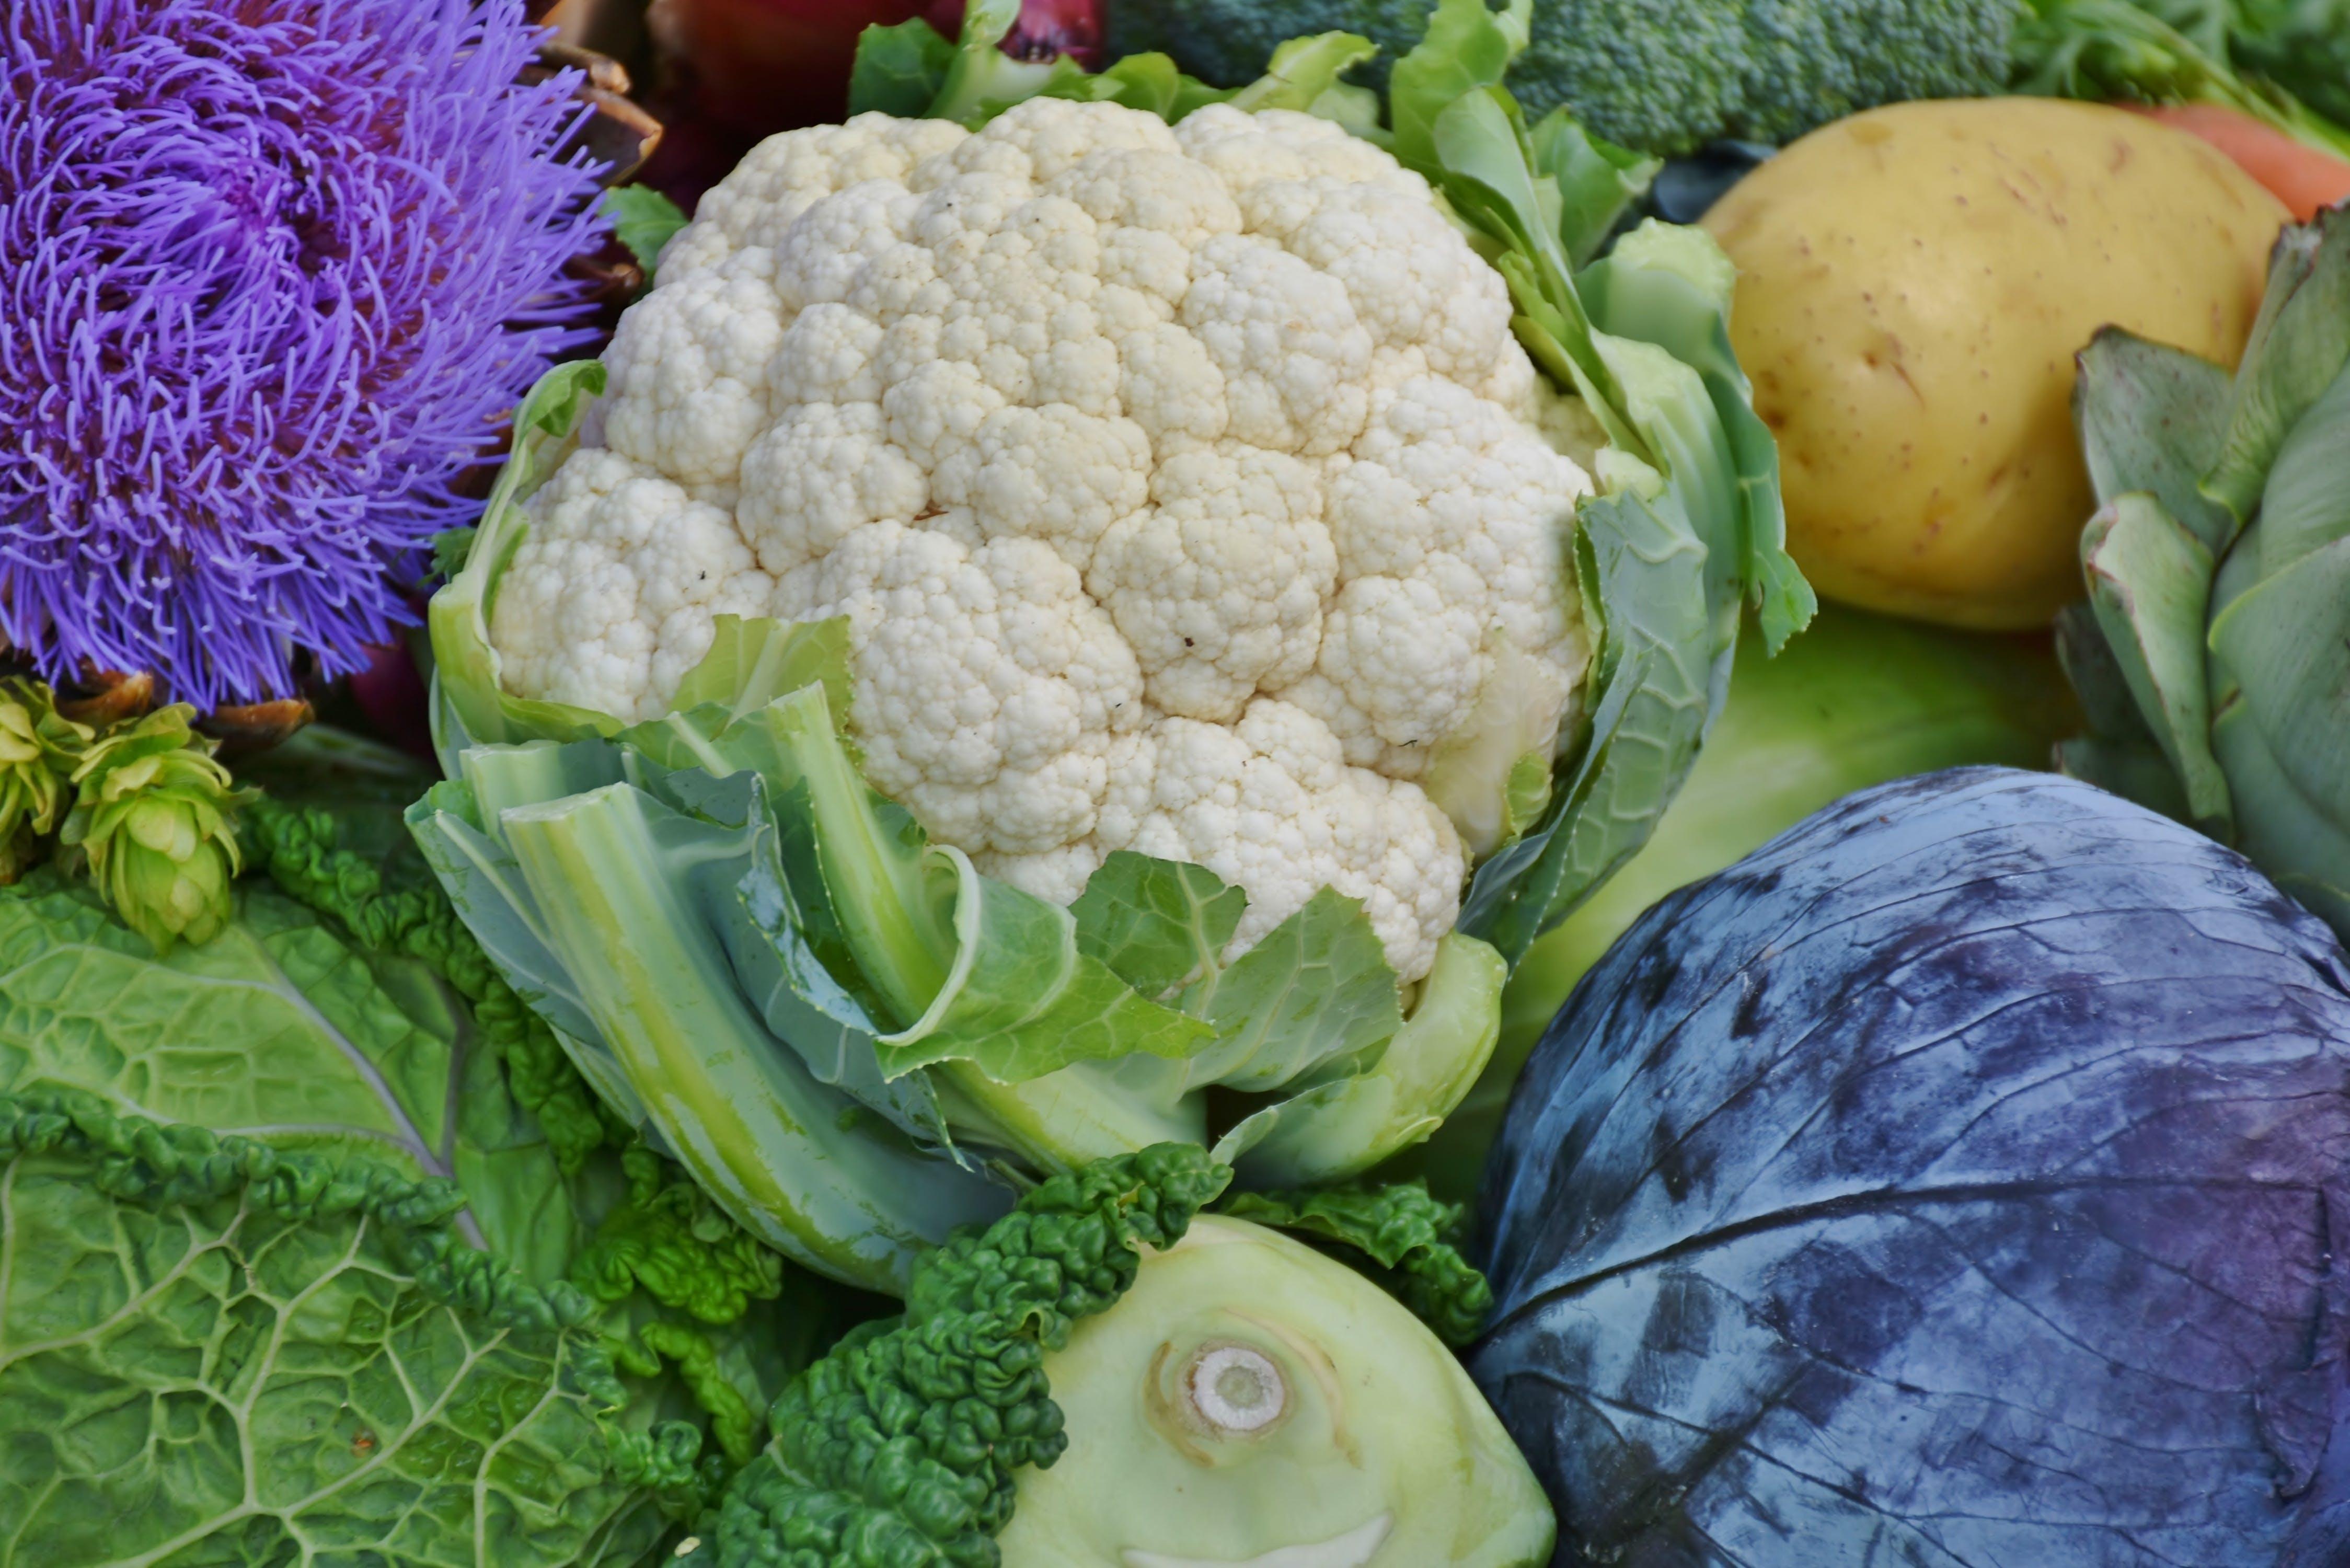 Безкоштовне стокове фото на тему «їжа, овочі, свіжий, цвітна капуста»